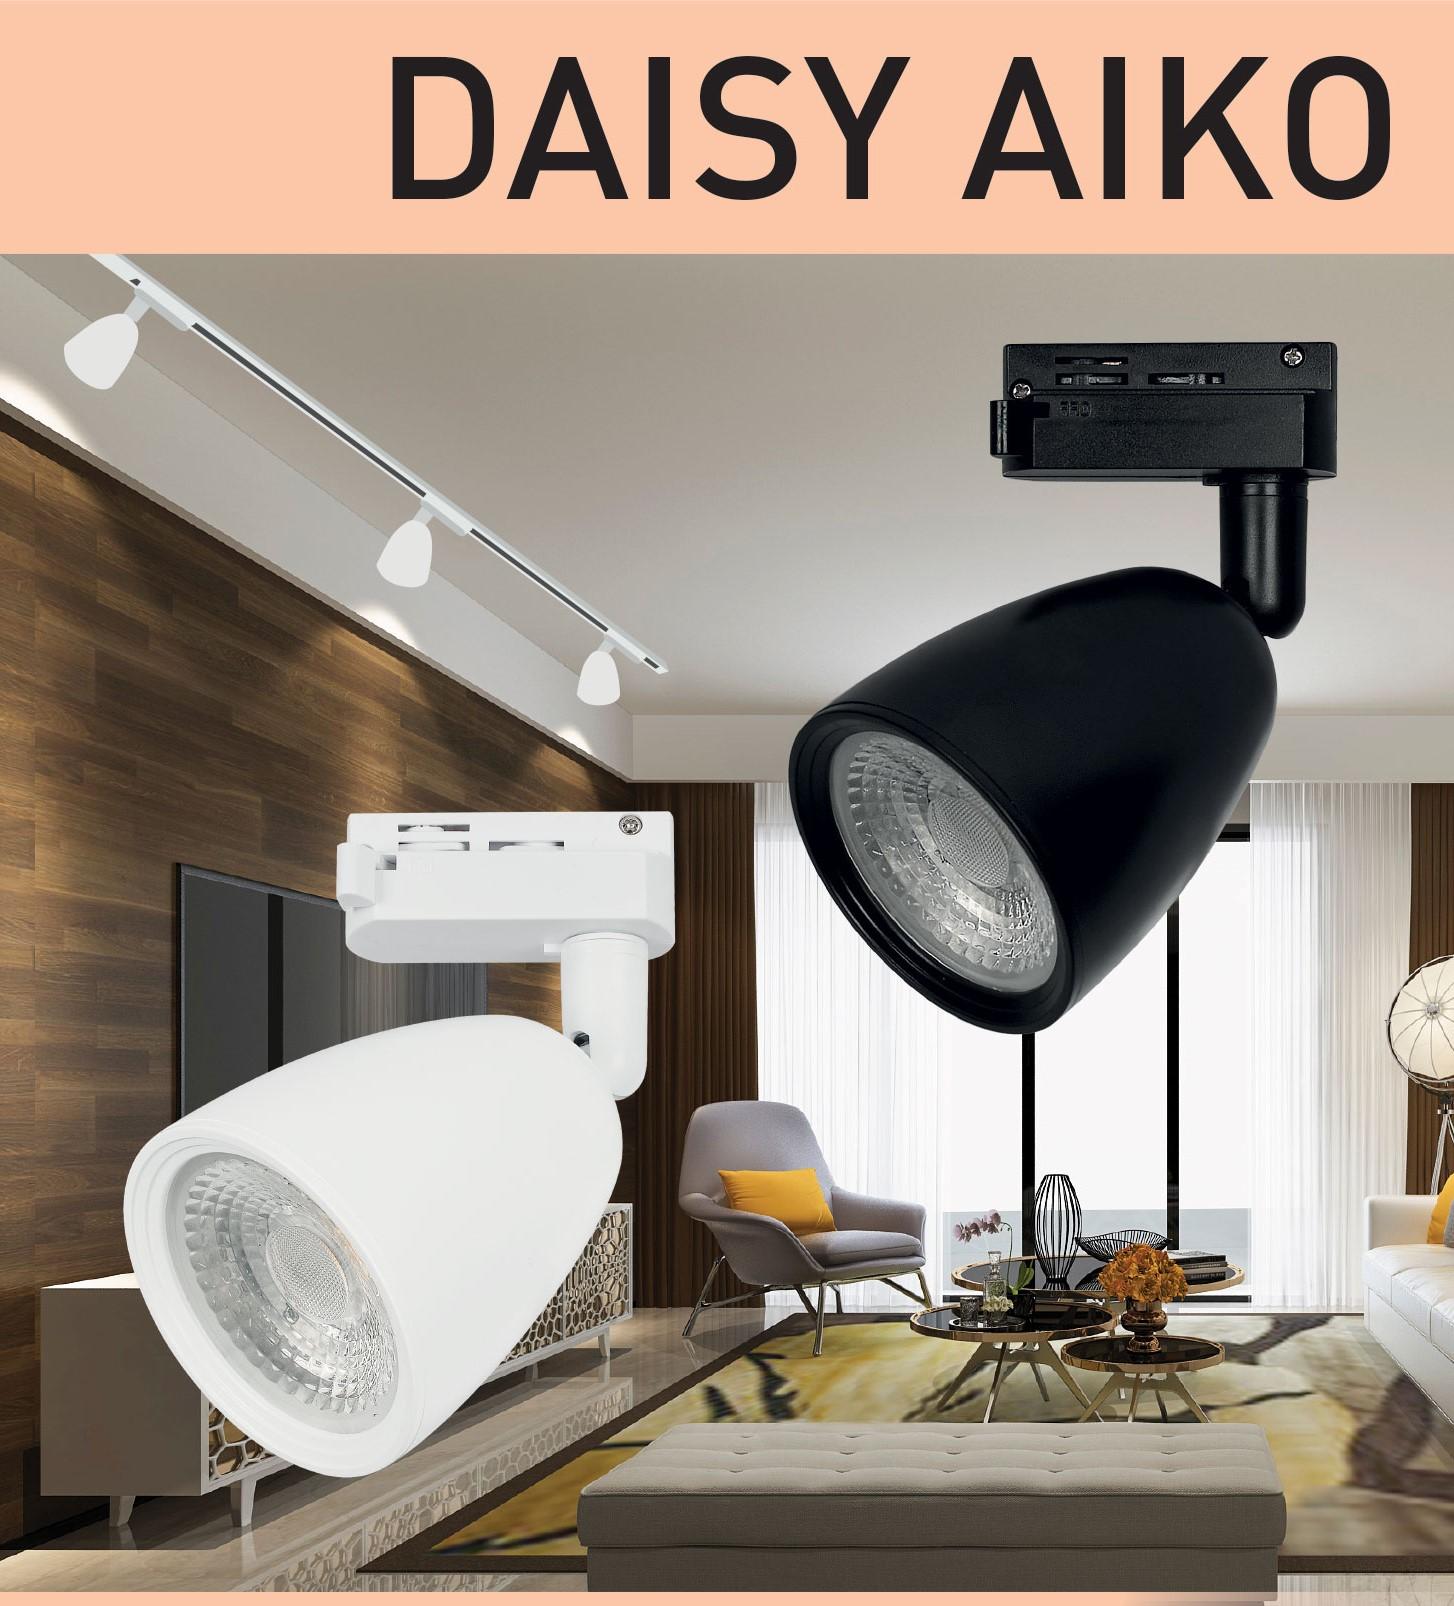 Nejlevnější kolejnicové lištové reflektory na trhu